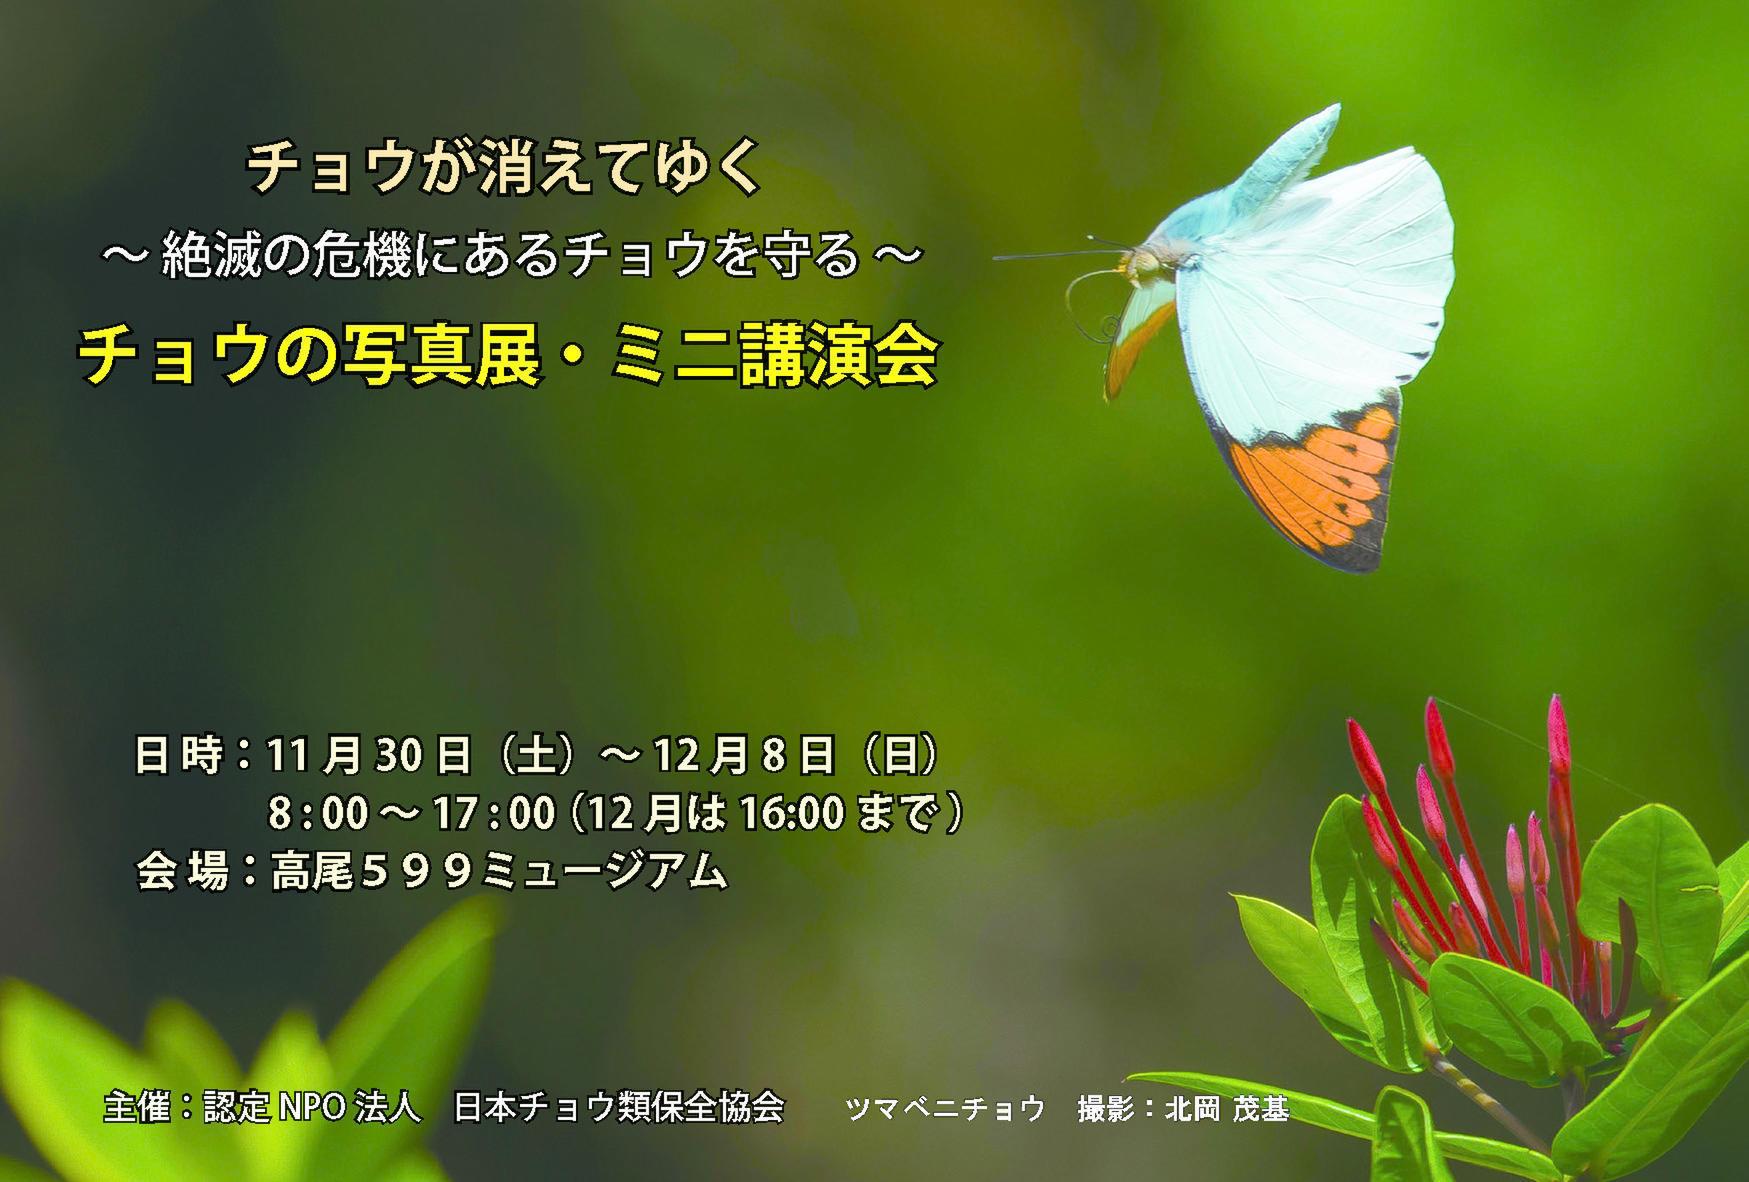 2019年 チョウ類保全協会企画展(今年は高尾山口)_d0054625_08574349.jpg